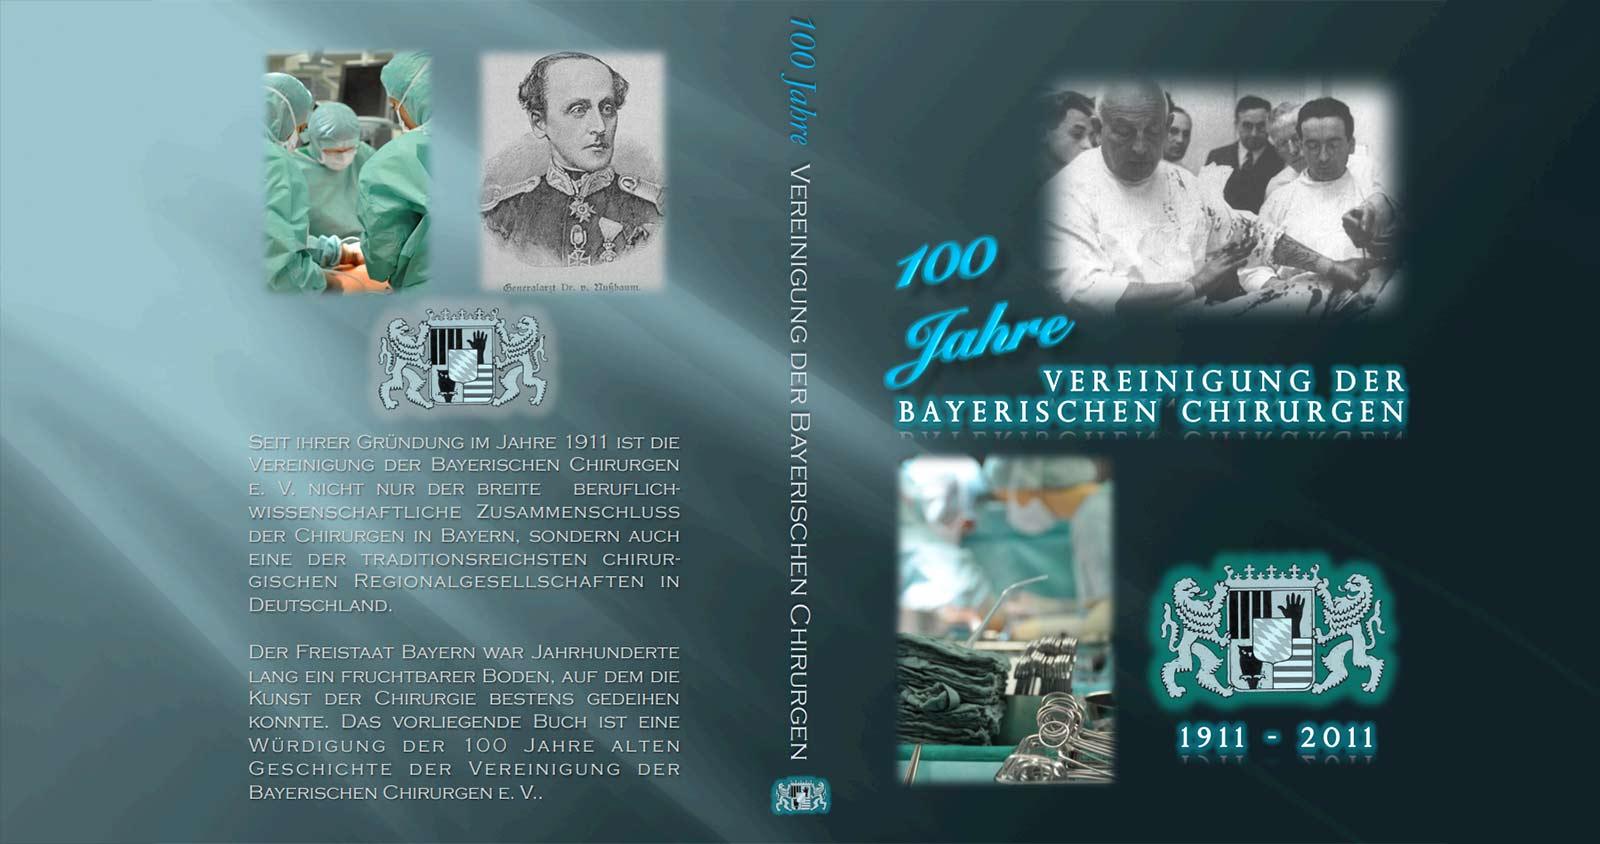 100-jahre-vereinigung-der-bayerischen-chirurgen-buch